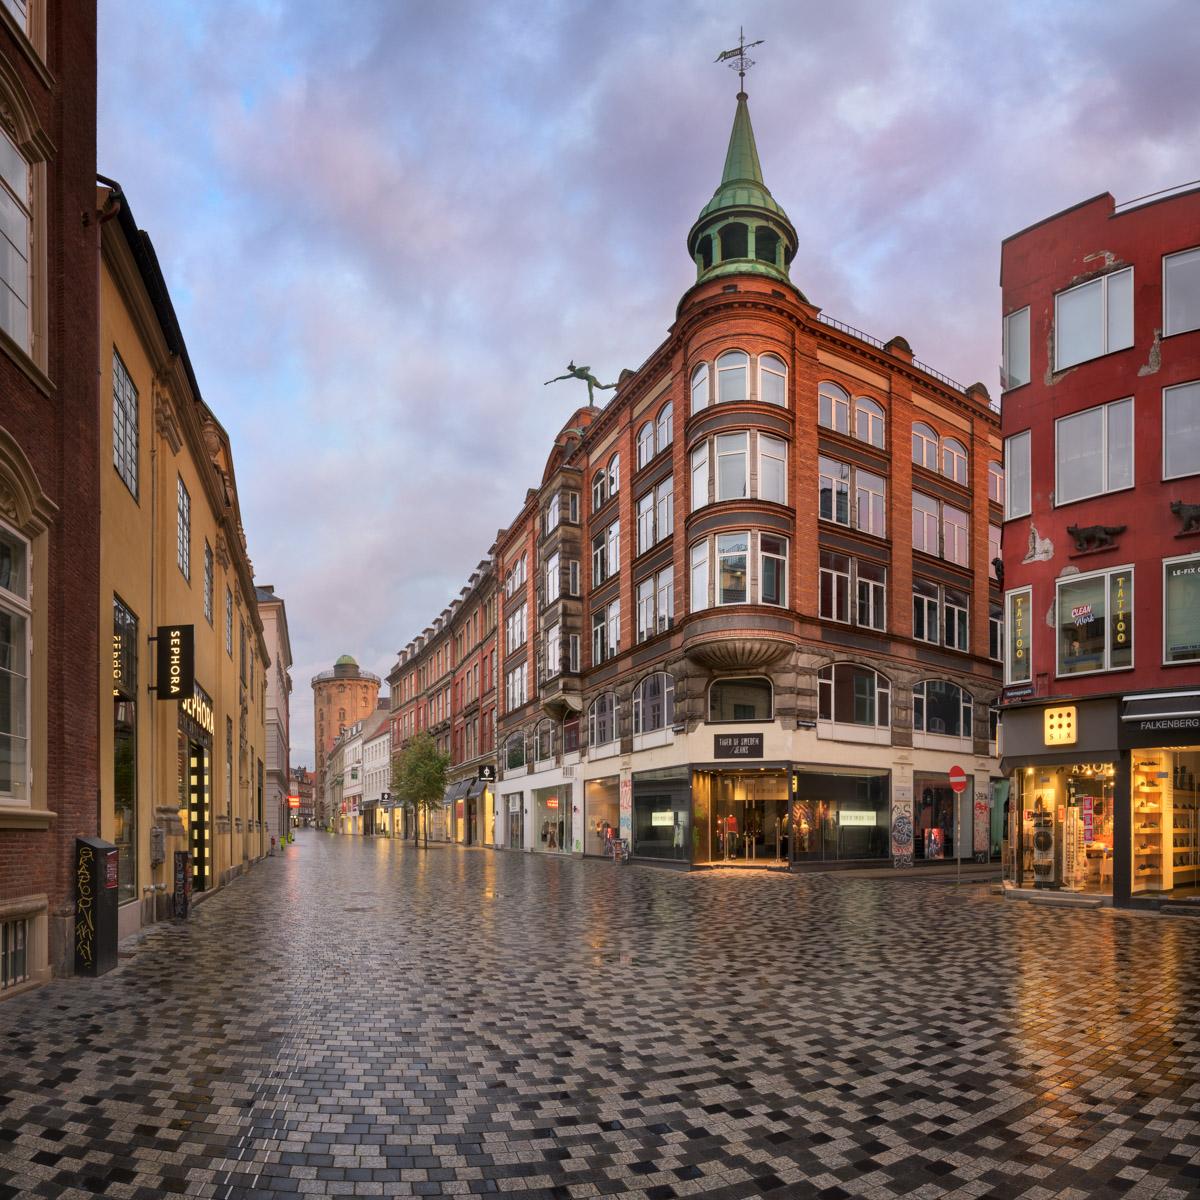 Kobmagergade Street and Round Tower, Copenhagen, Denmark